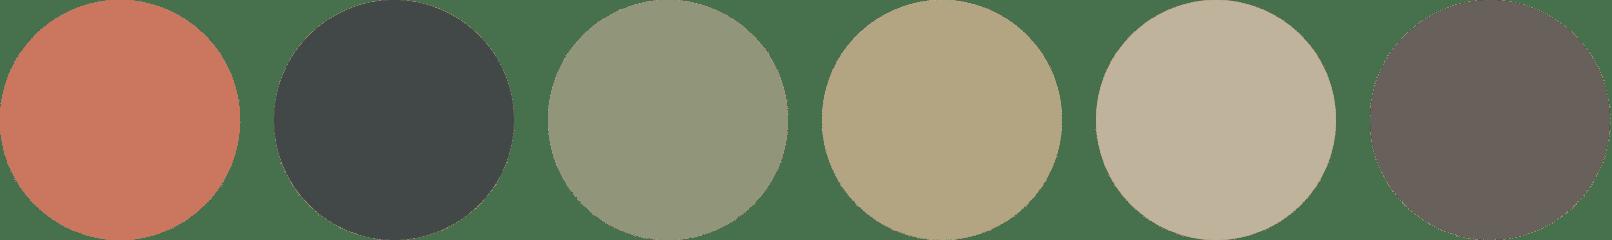 Kleuren-home01